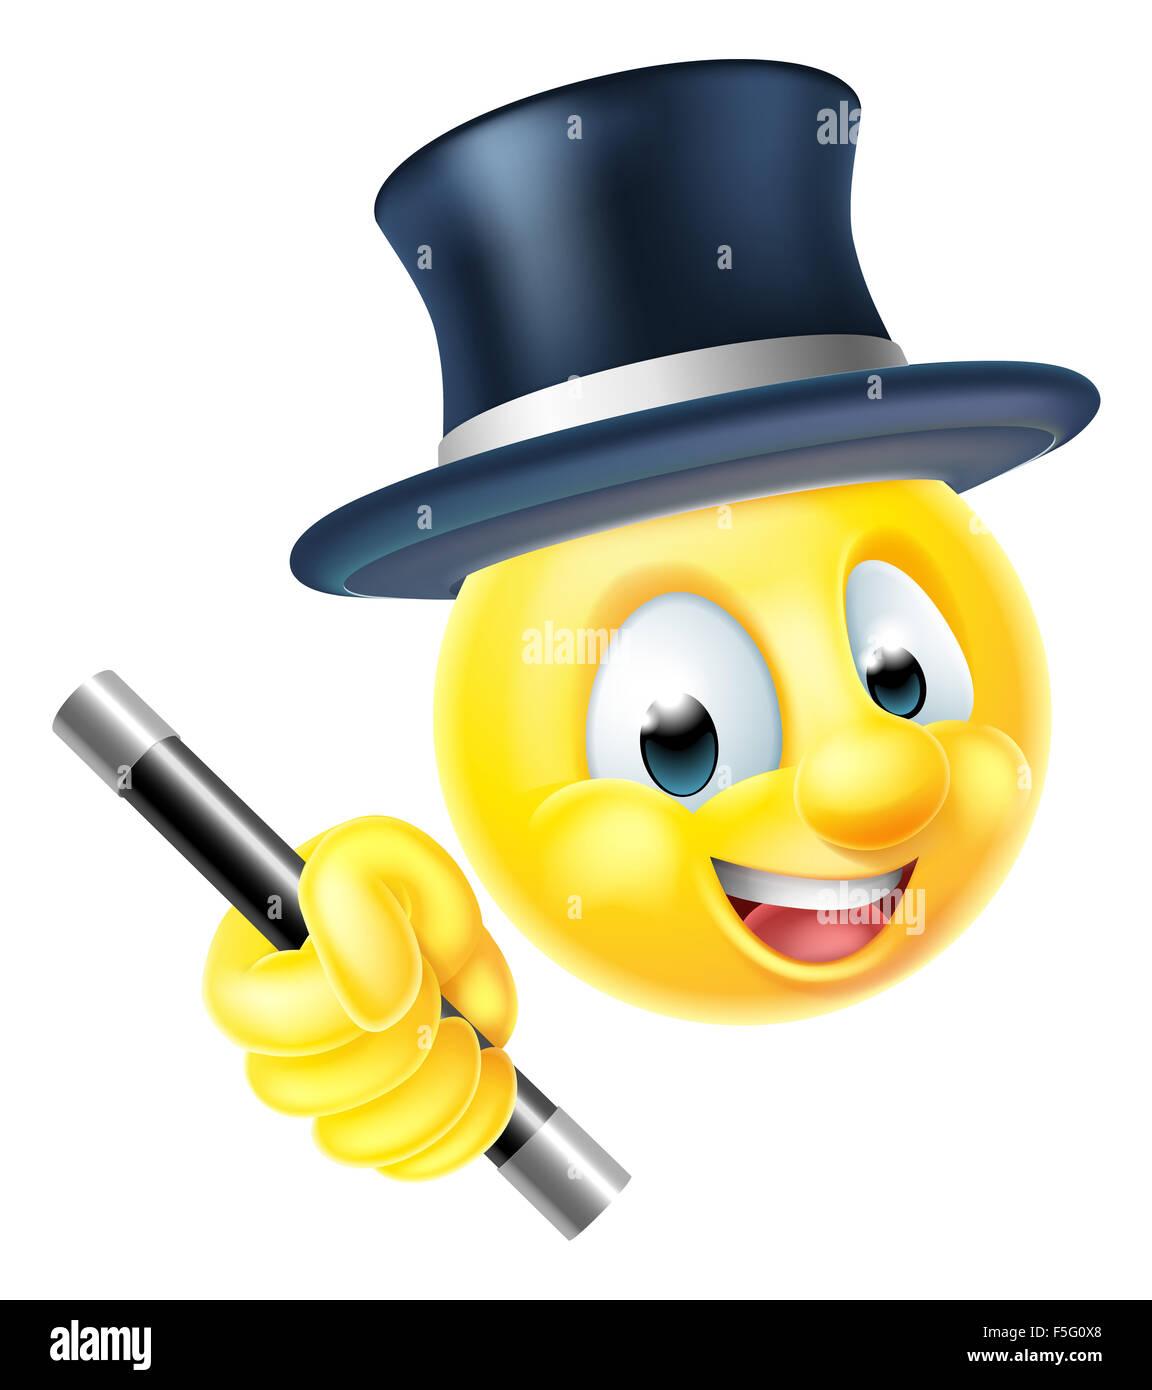 Un emoticon emoji Smiley face mago personaggio in possesso di una ...